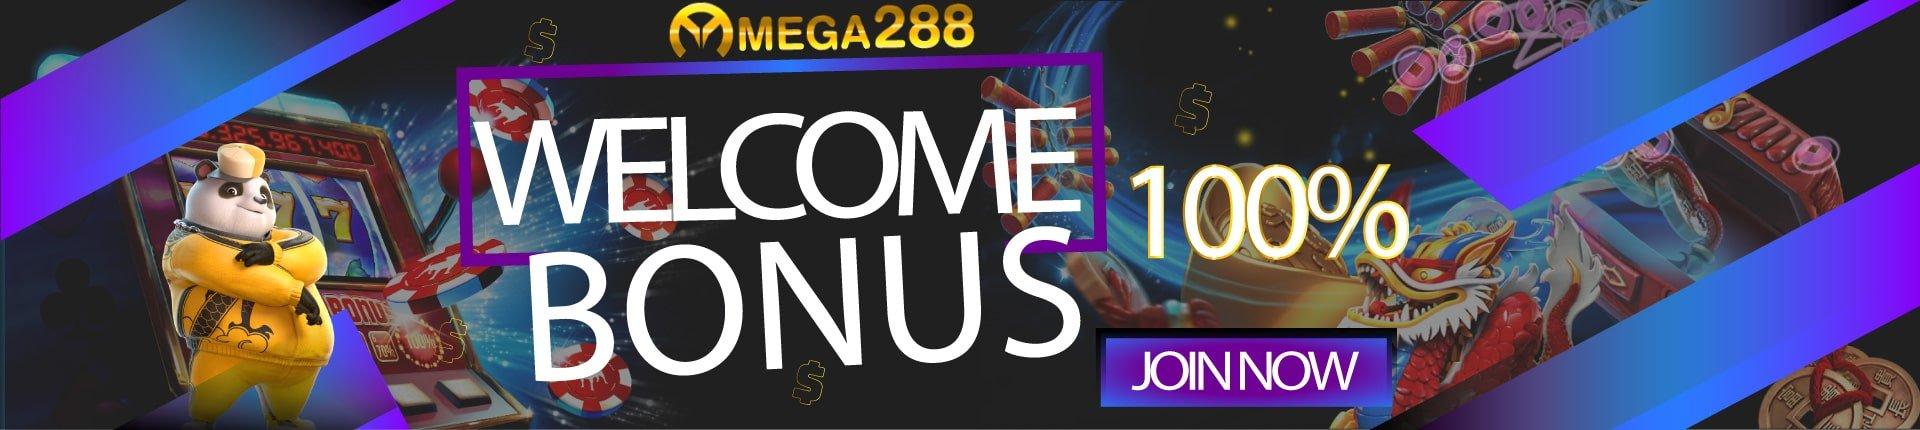 mega228